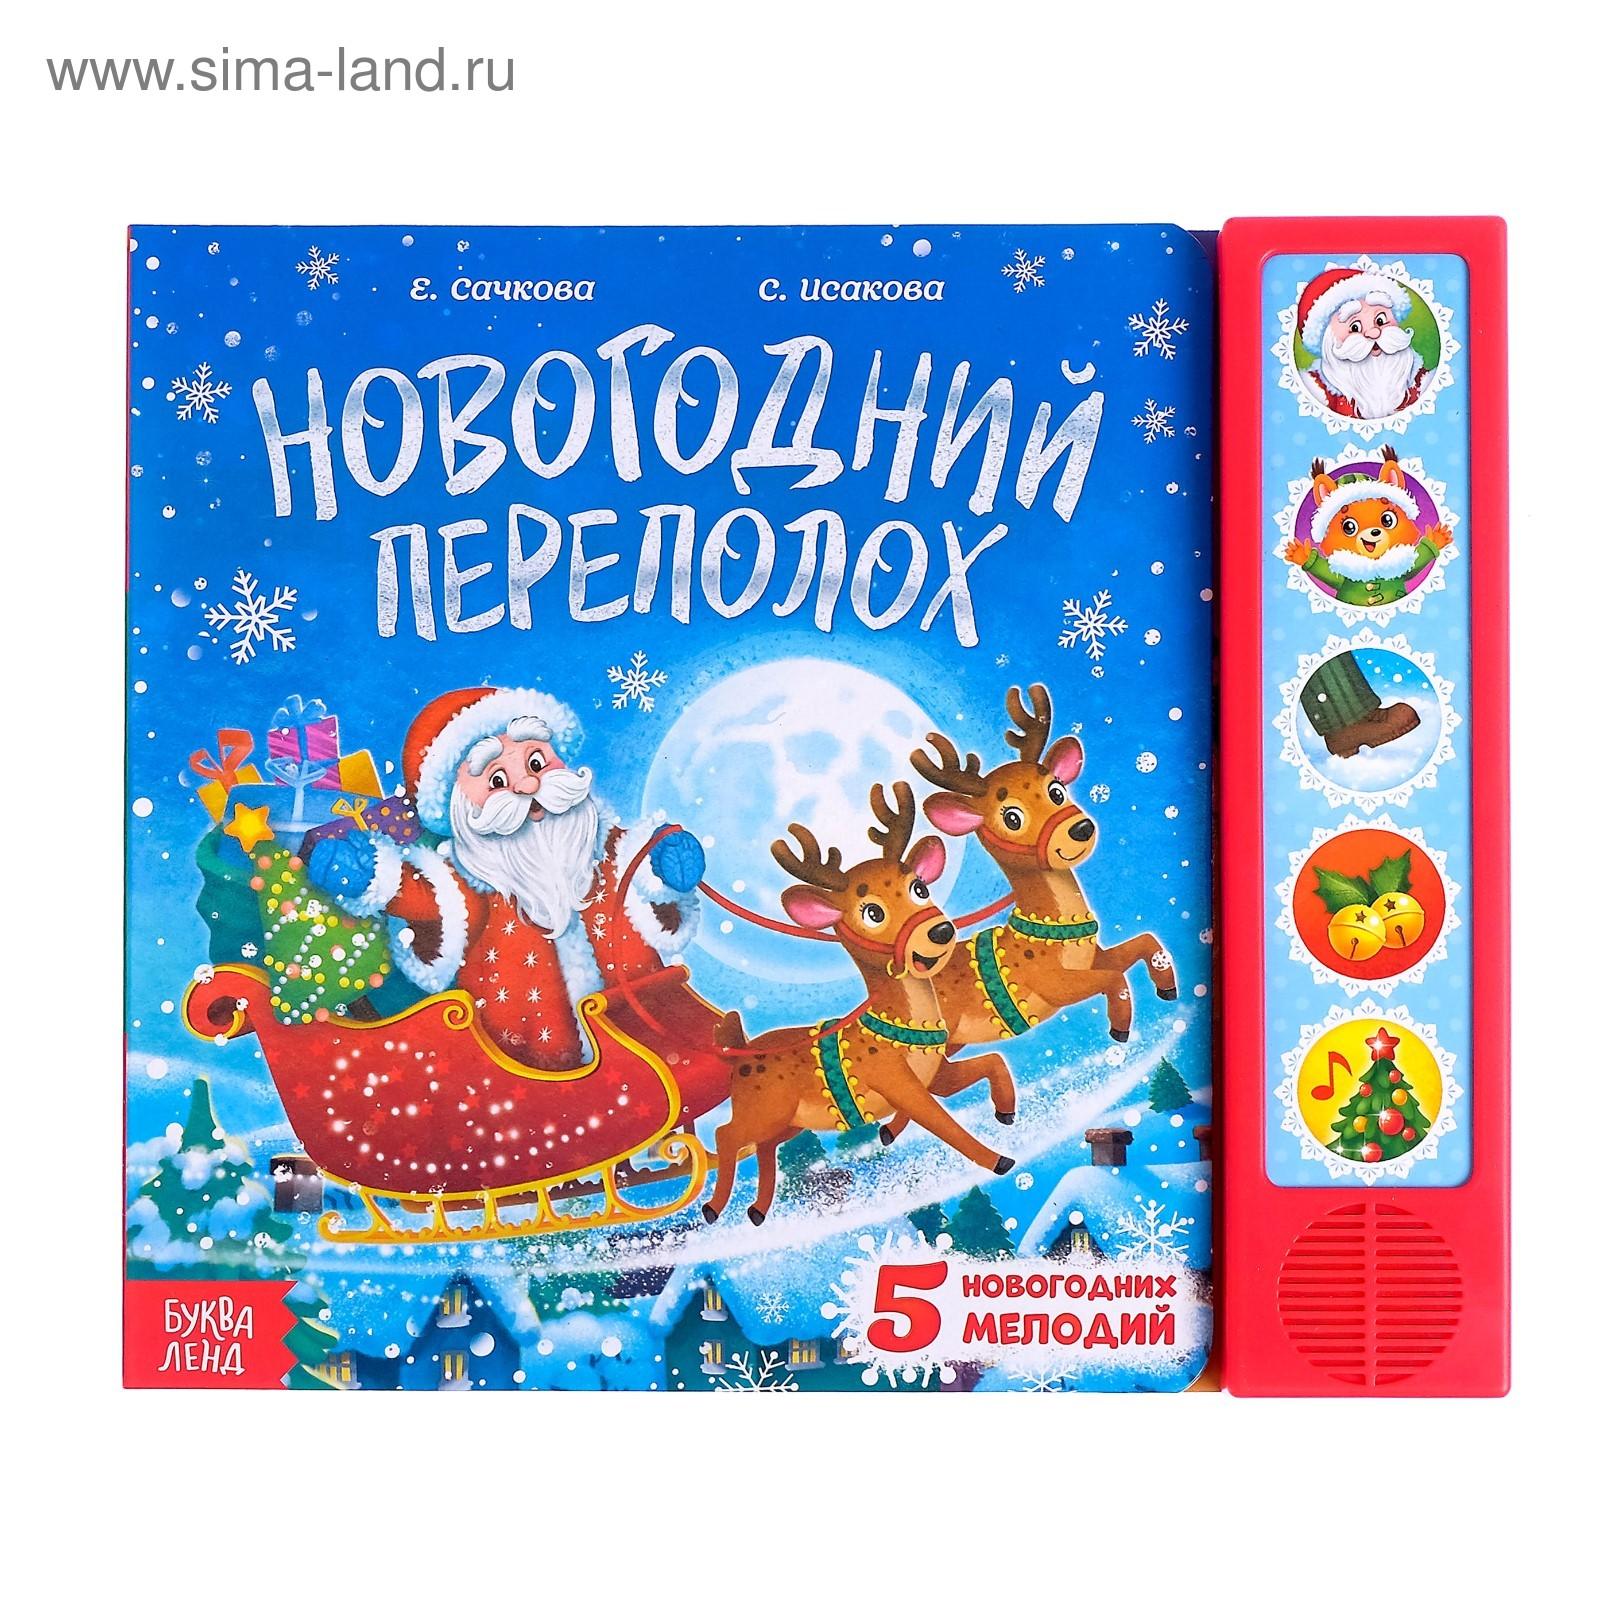 Музыкальные книжки новогодние купить ткани иркутск купить для постельного белья